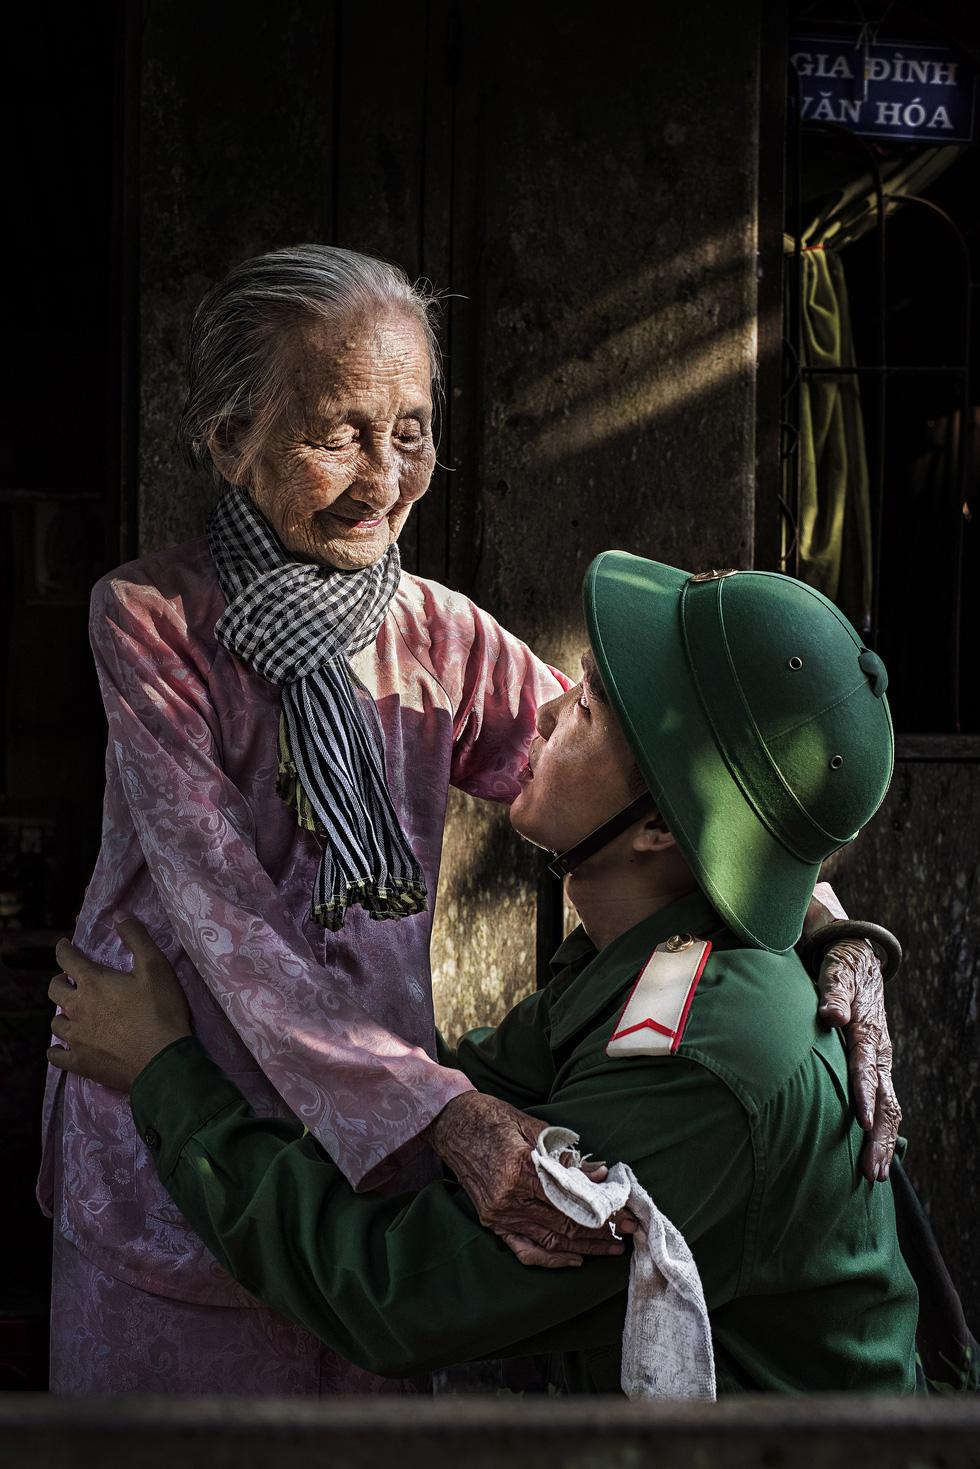 Ngắm những khoảnh khắc yêu thương gia đình ở khắp nẻo Việt Nam - Ảnh 7.